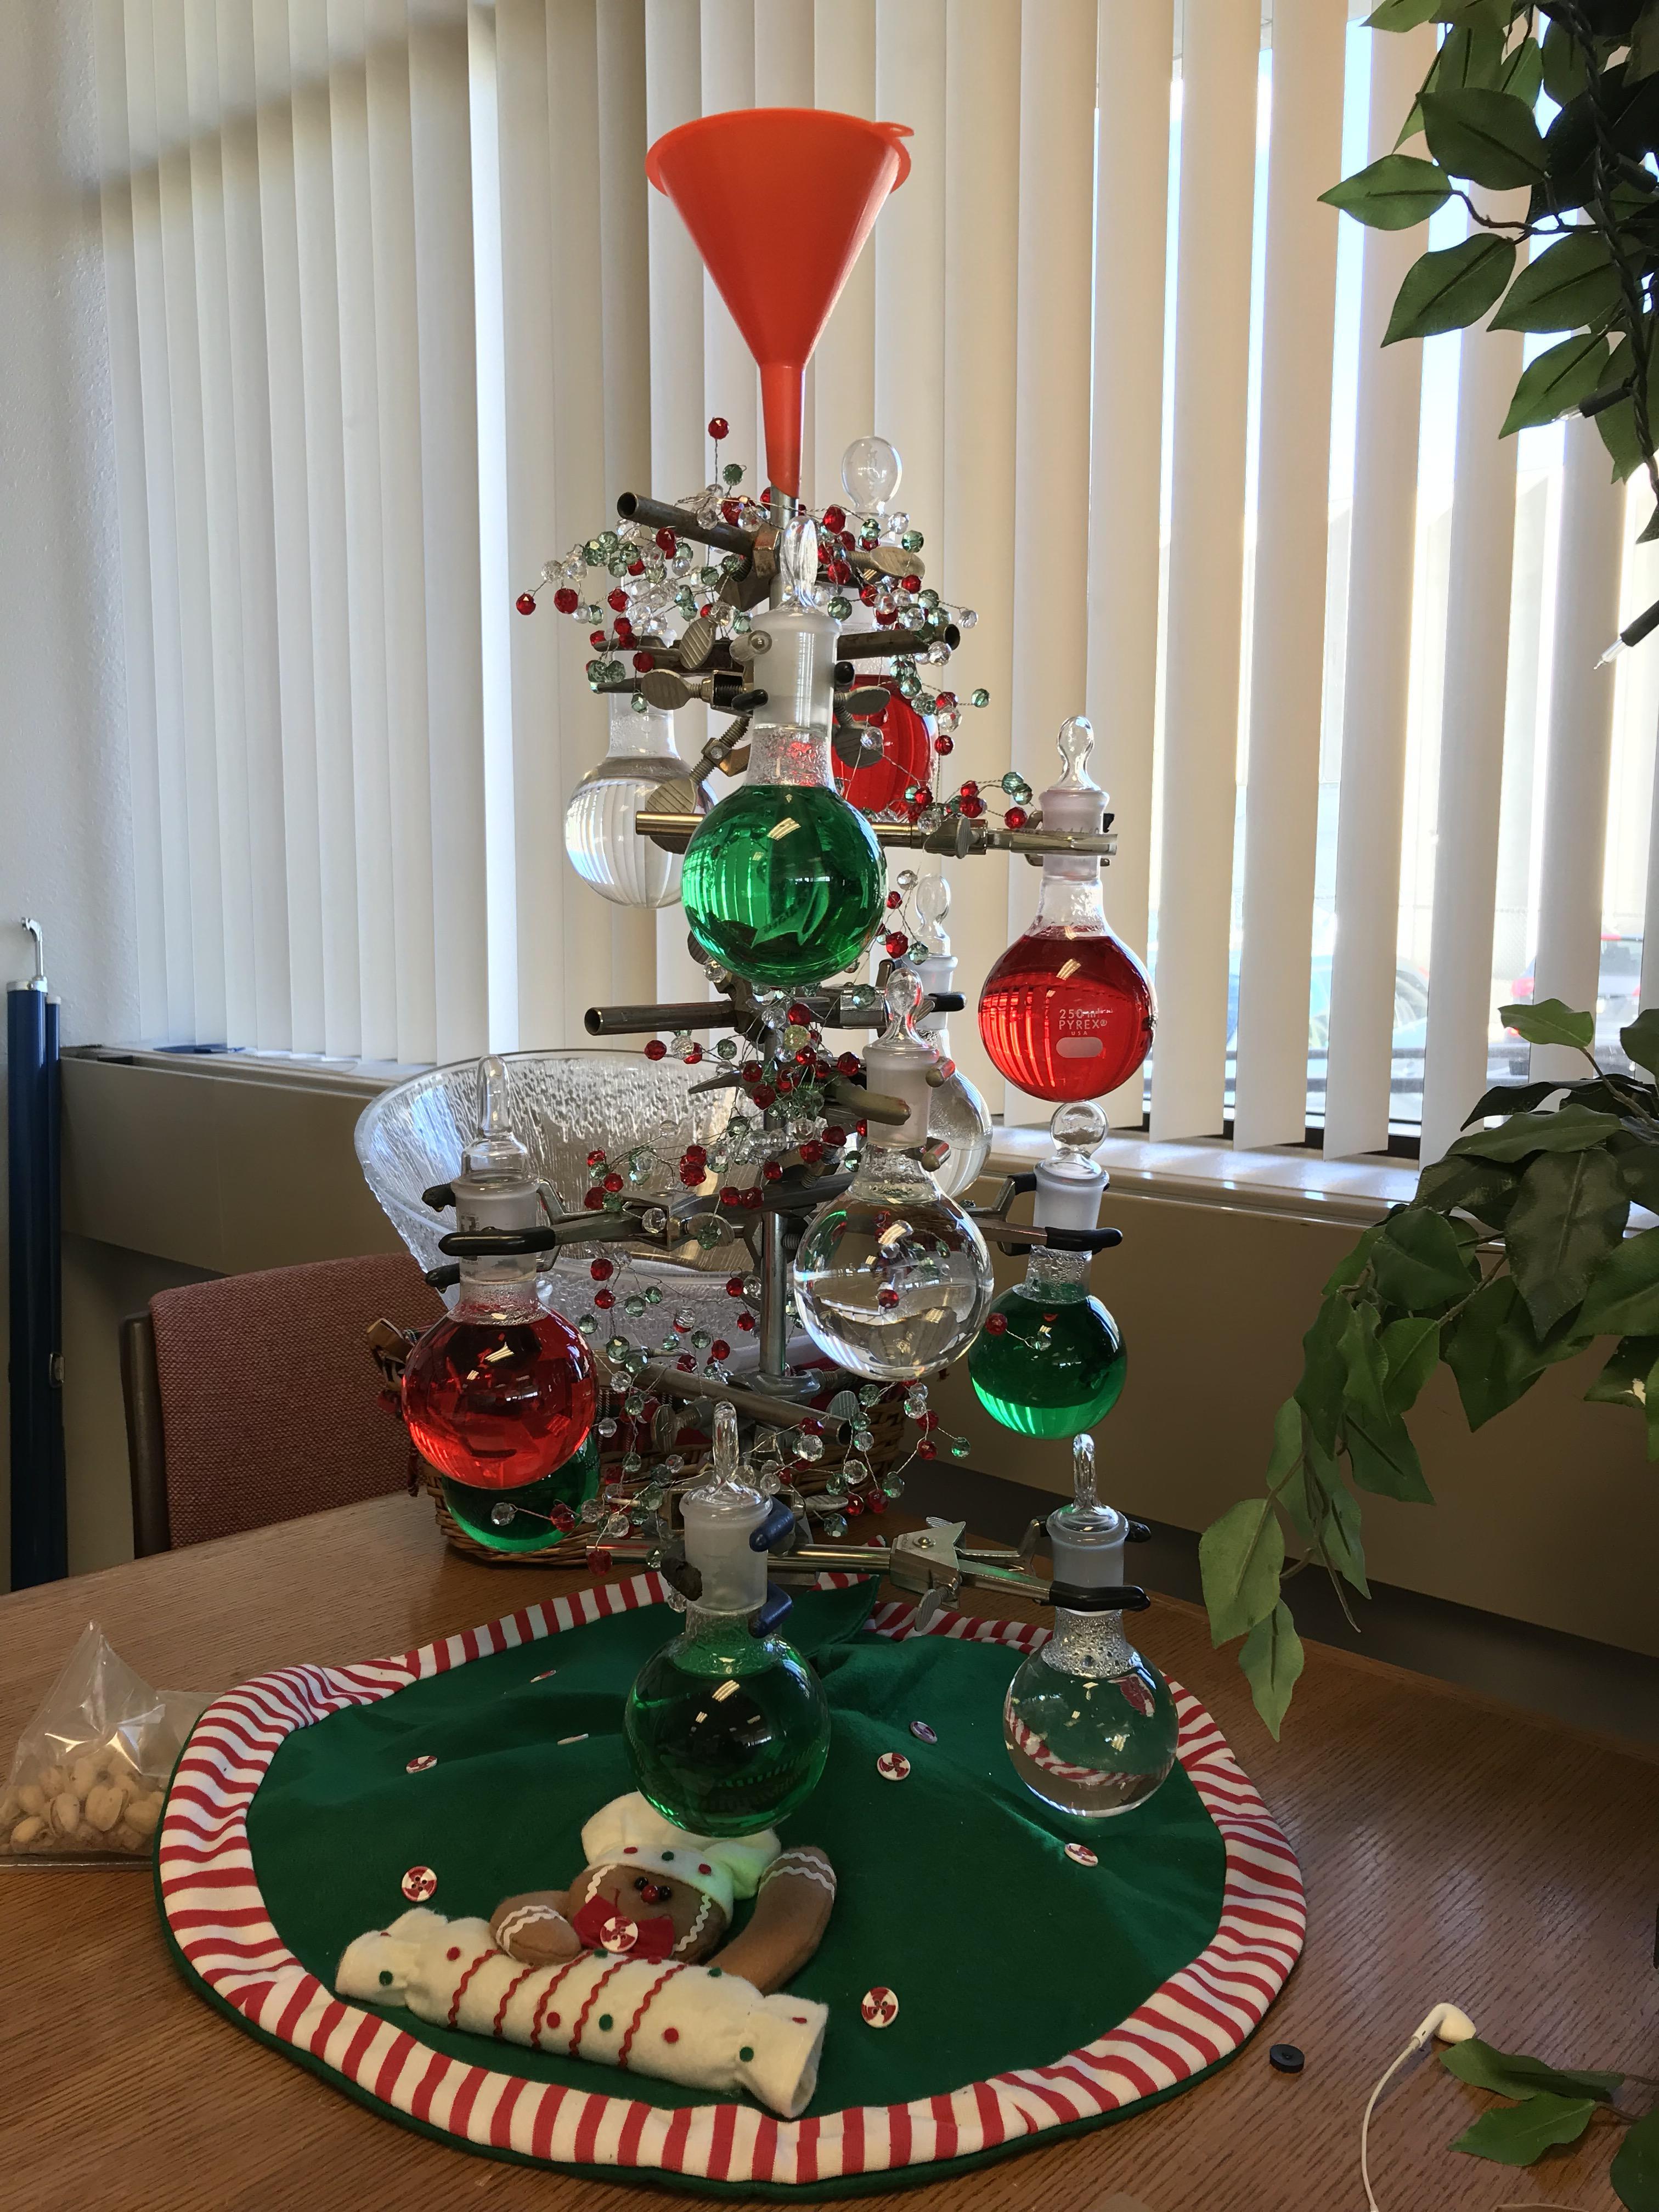 Dise os de rboles de navidad para creativos - Arboles de navidad creativos ...